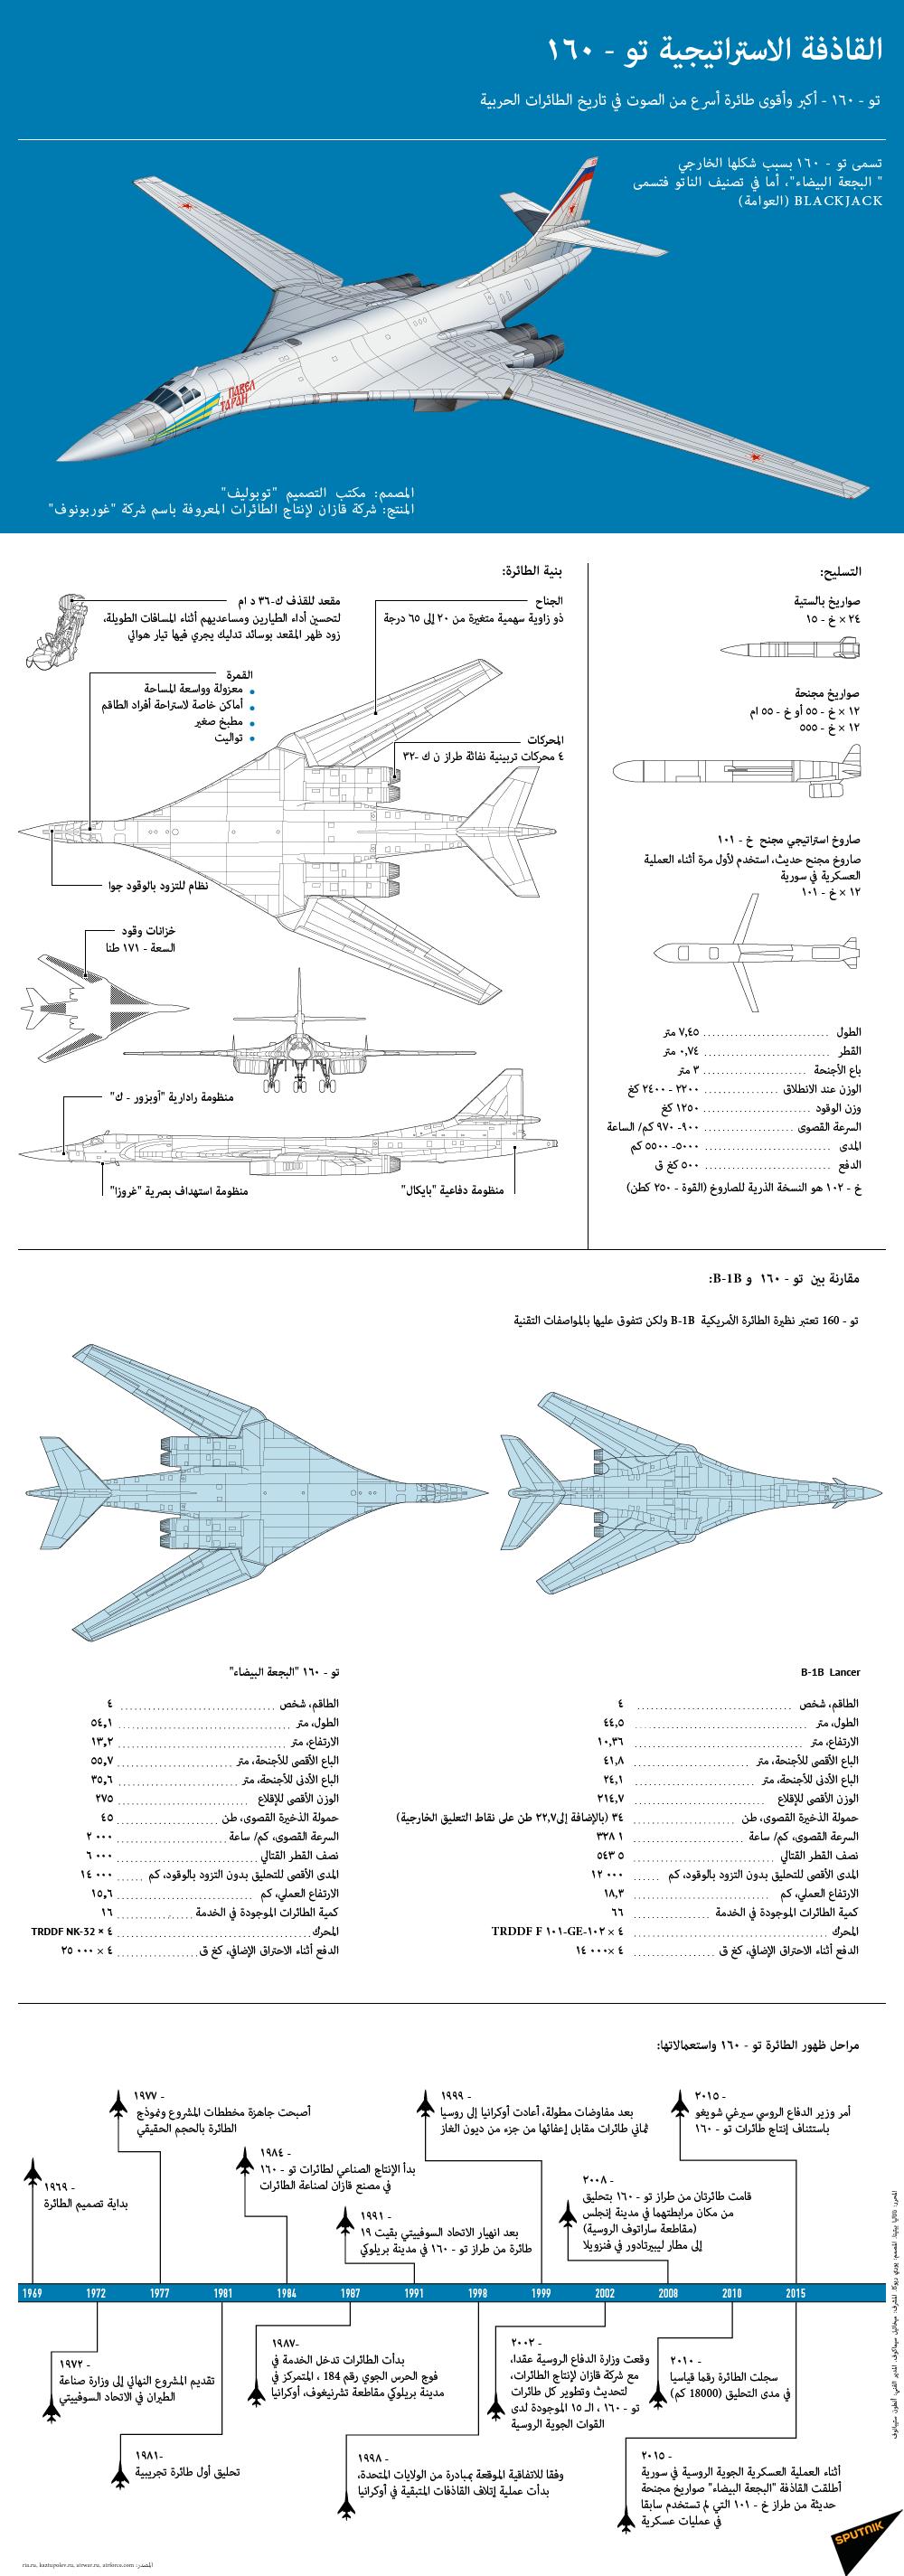 القاذفة الاستراتيجية تو - 160